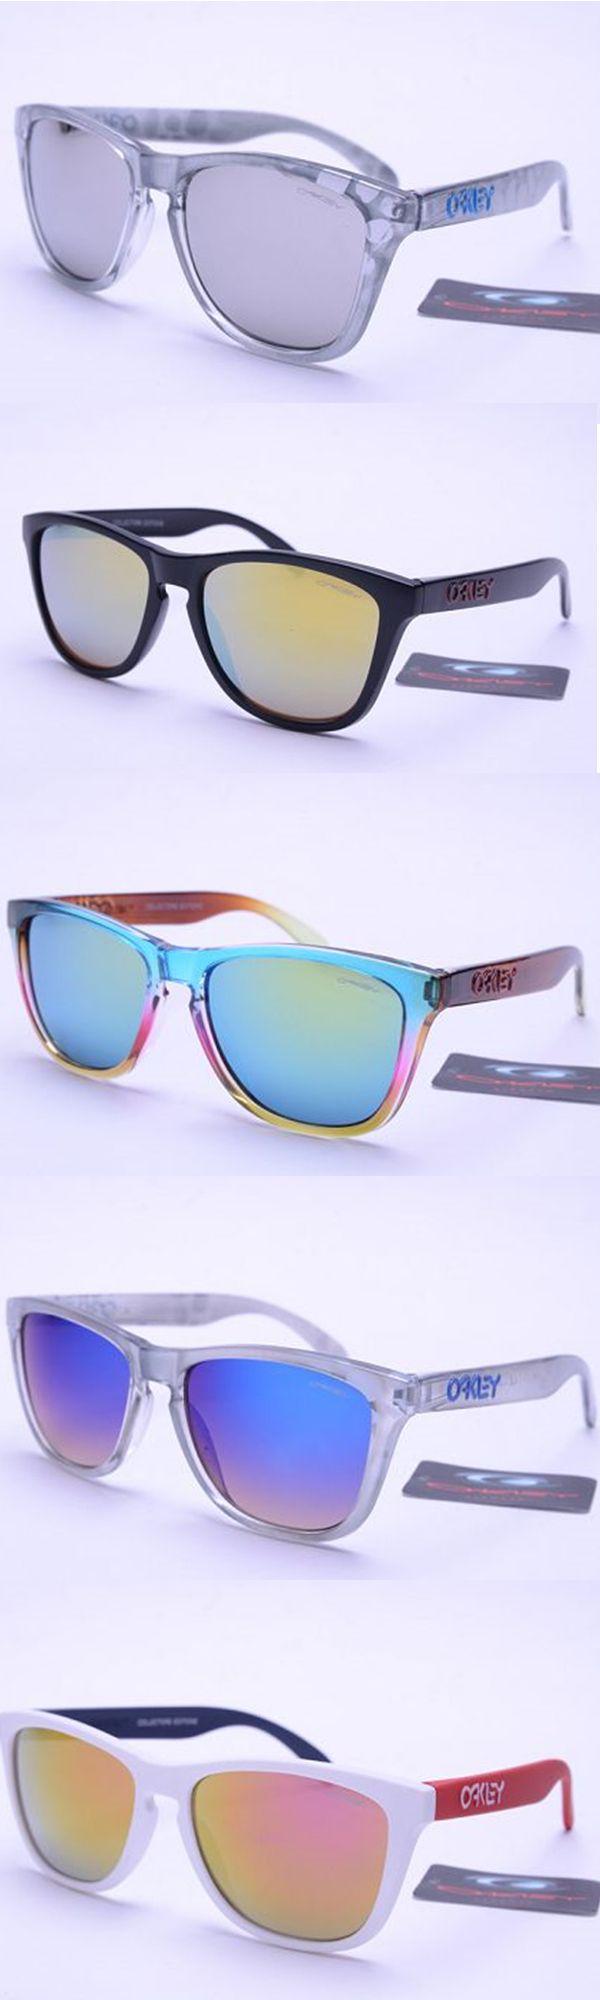 oakley frogskins sunglasses blacklight  oakley frogskins sunglasses blacklight blue orange fire iridium